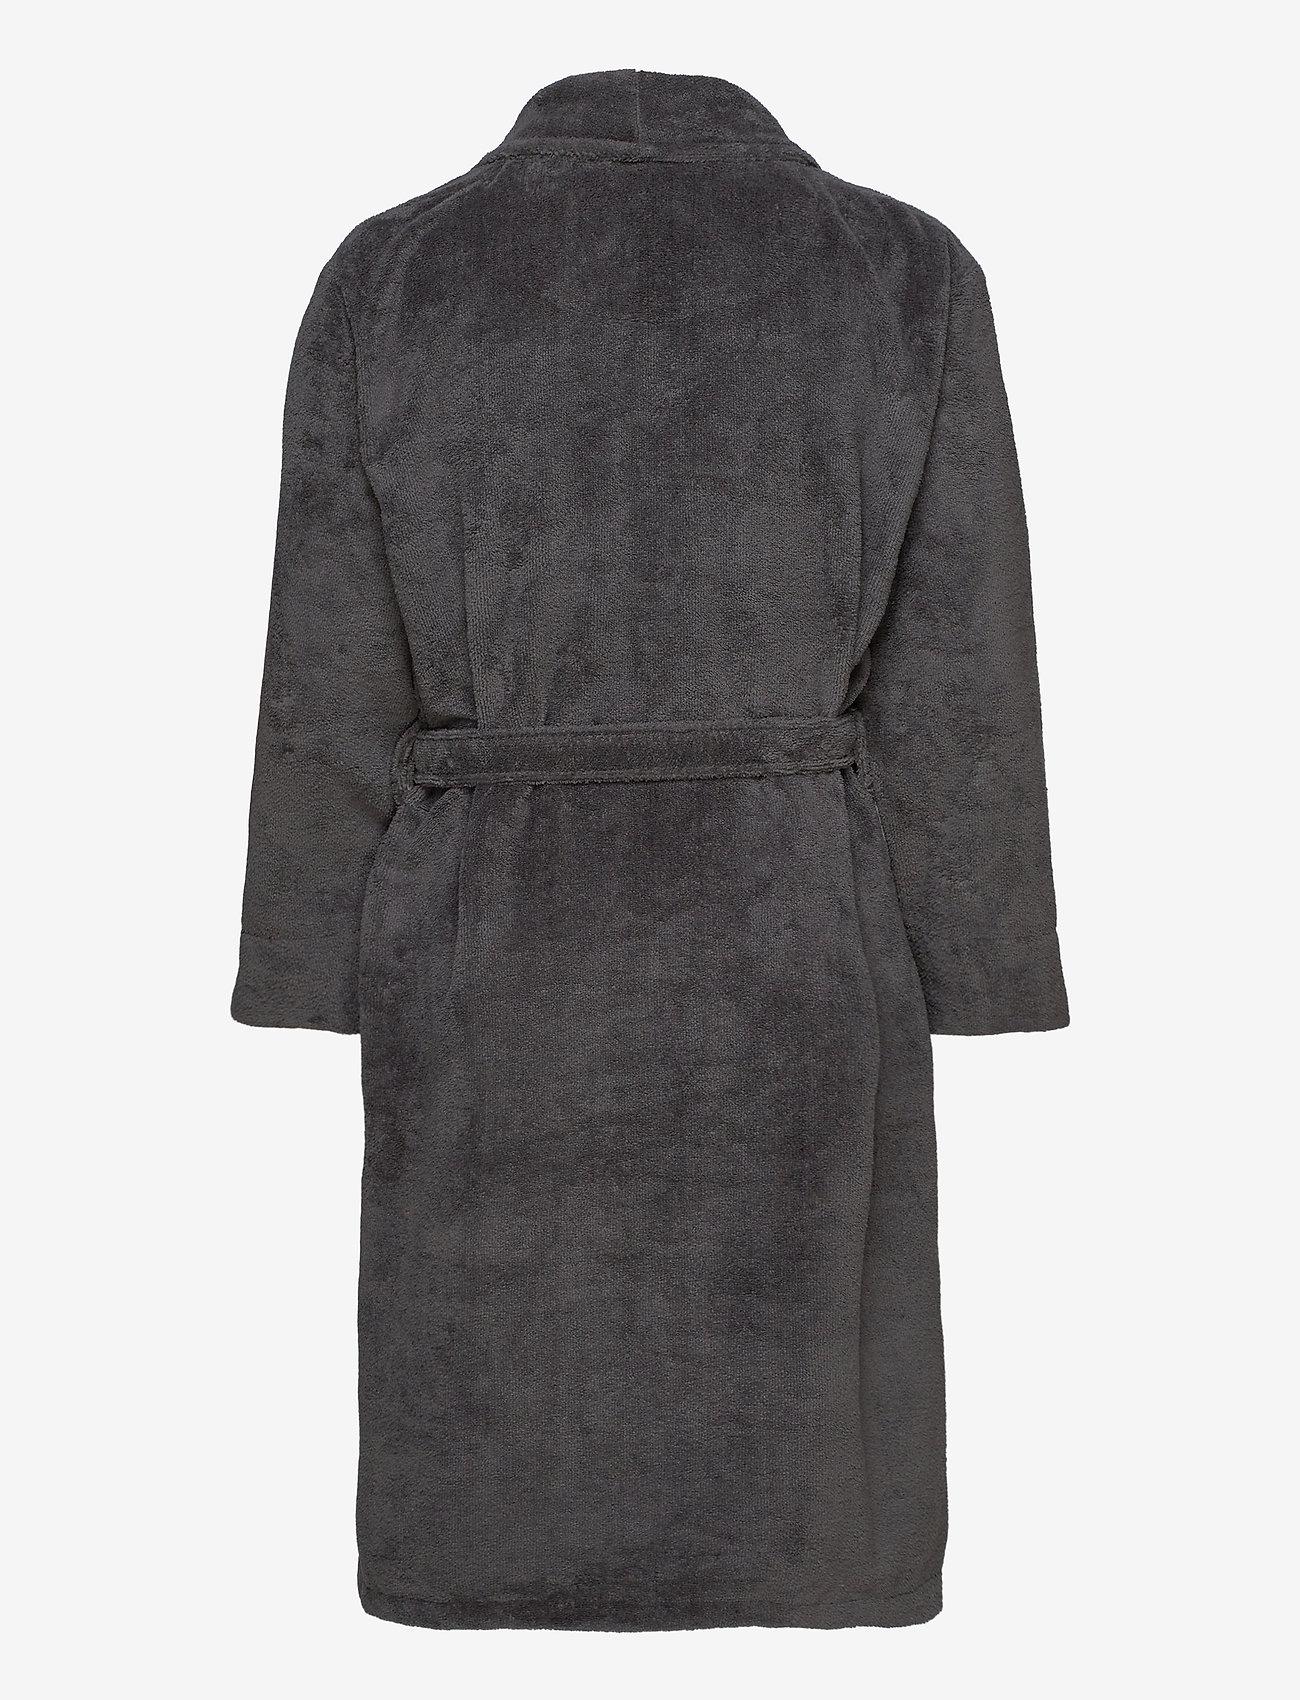 Lyle & Scott - LUCAS - peignoirs - granite grey - 1